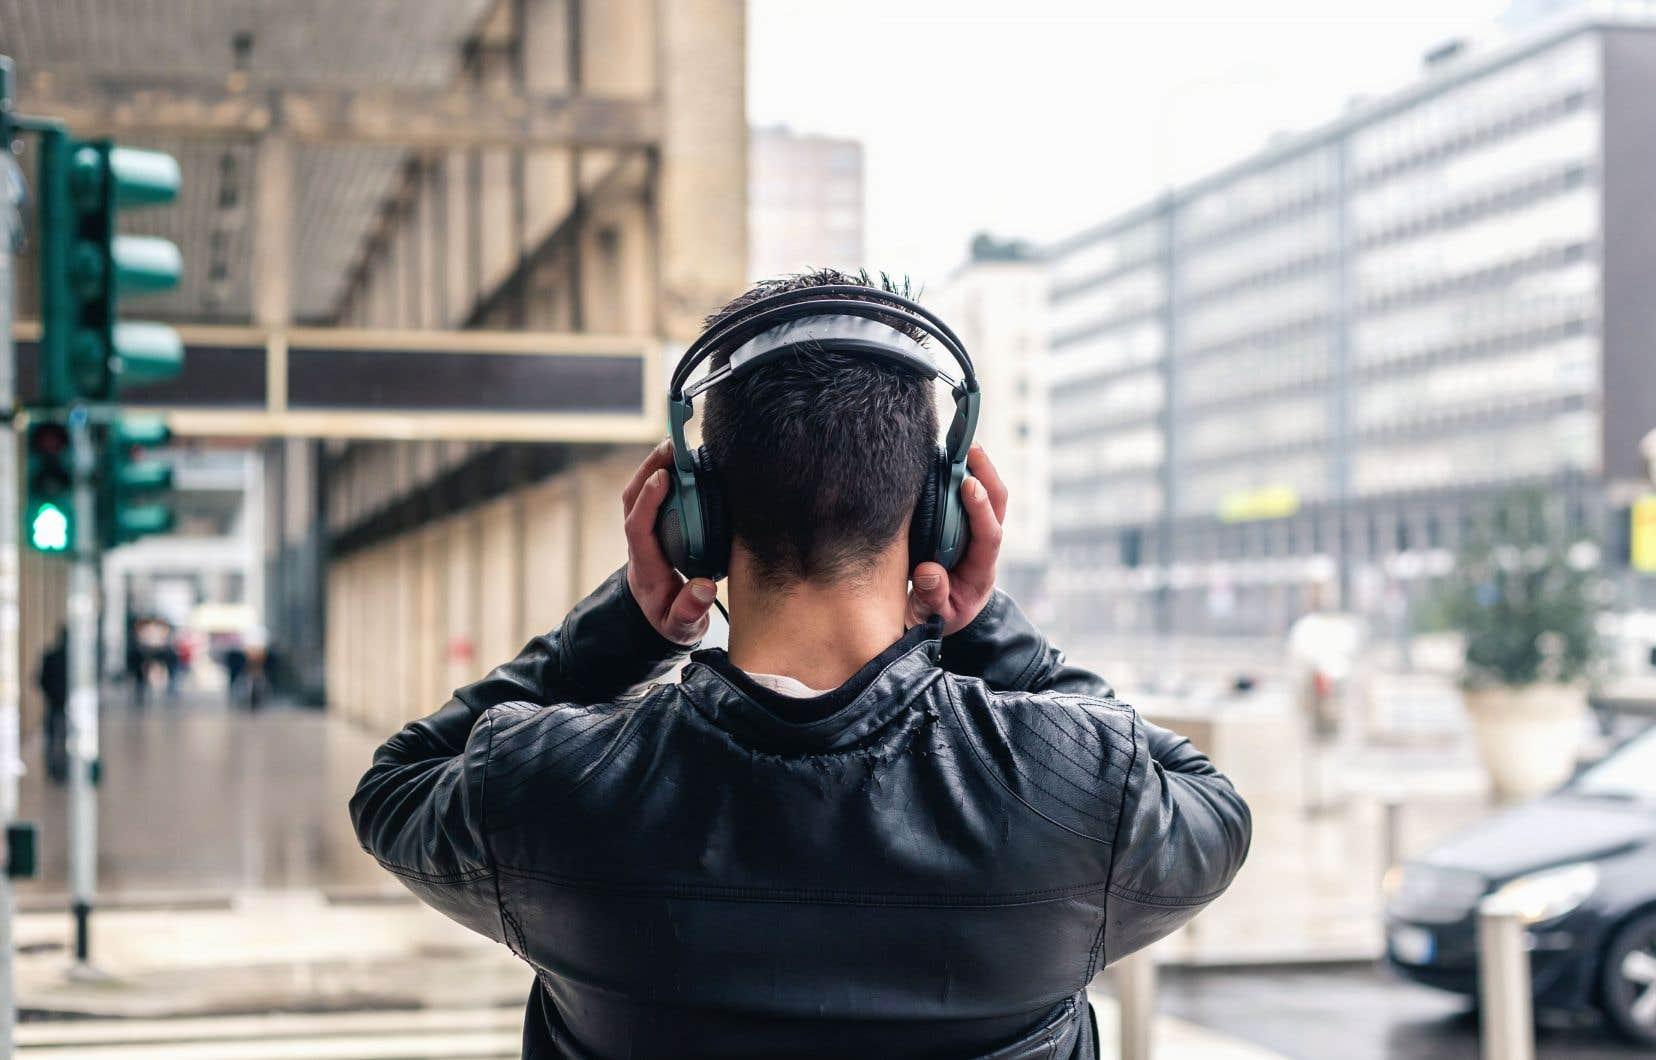 Au Canada, les différentes plateformes de musique en continu totalisaient 98,2 milliards d'écoutes en 2019.